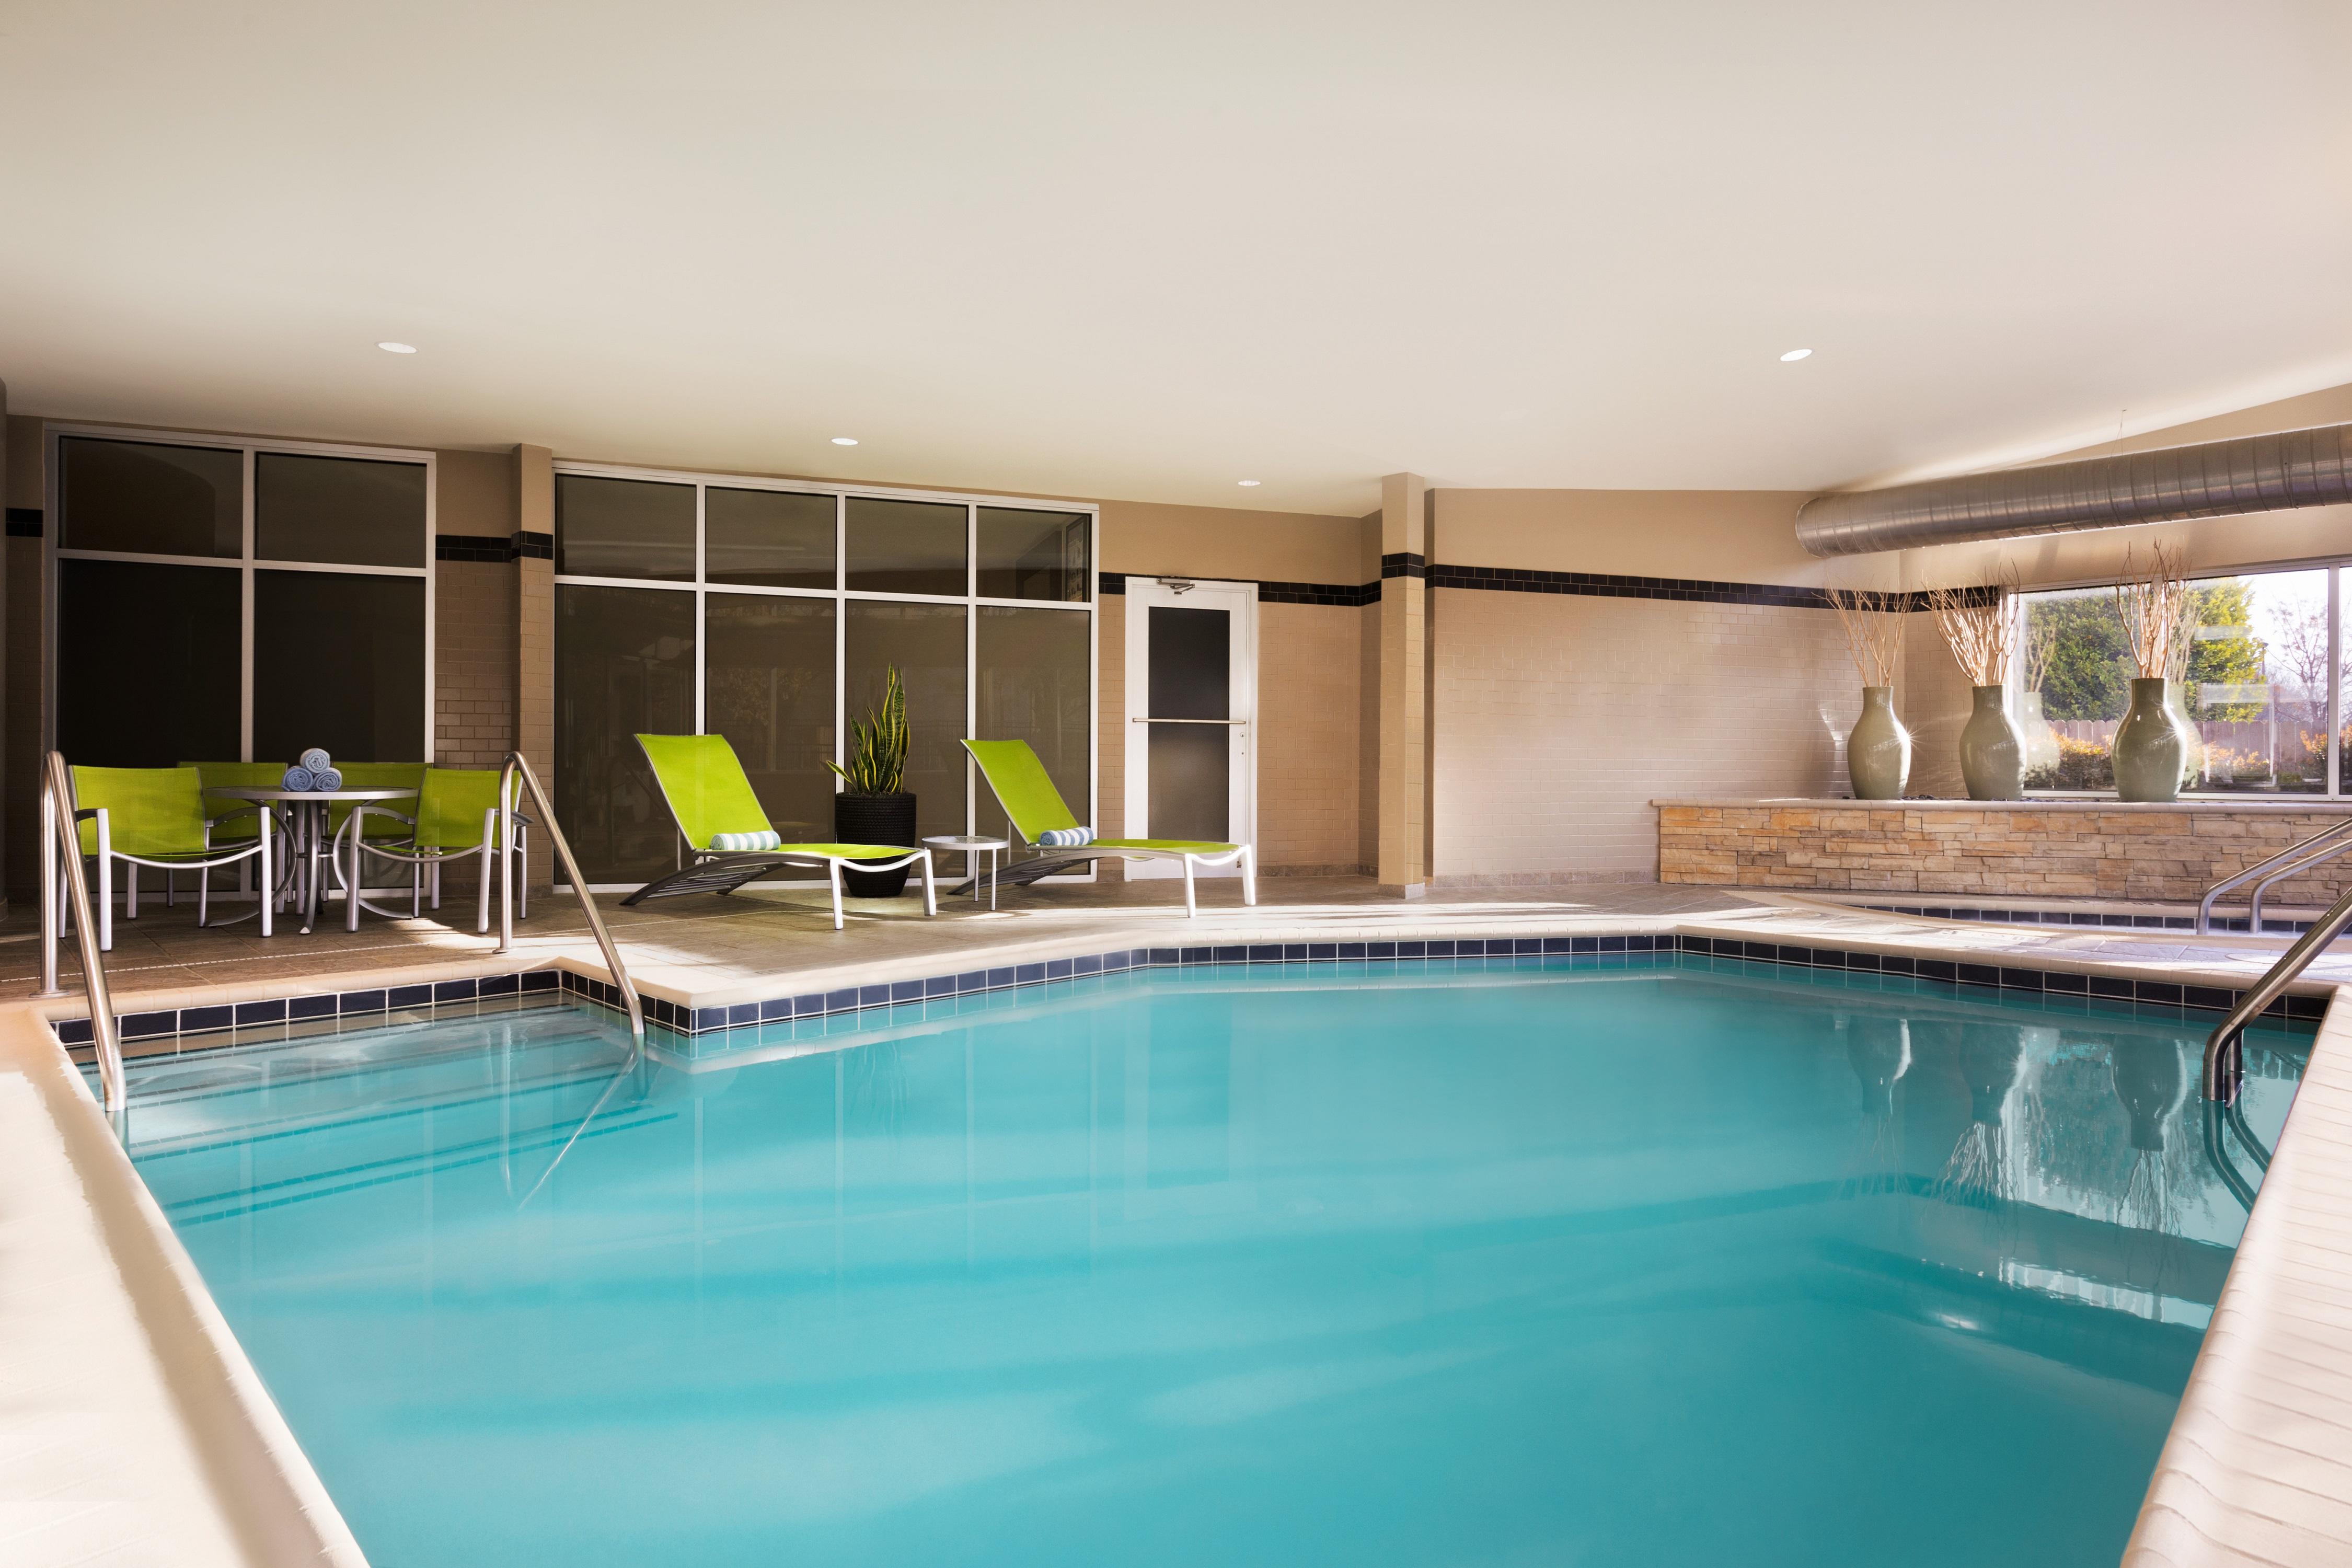 Doubletree By Hilton Hotel Oklahoma City Airport Oklahoma